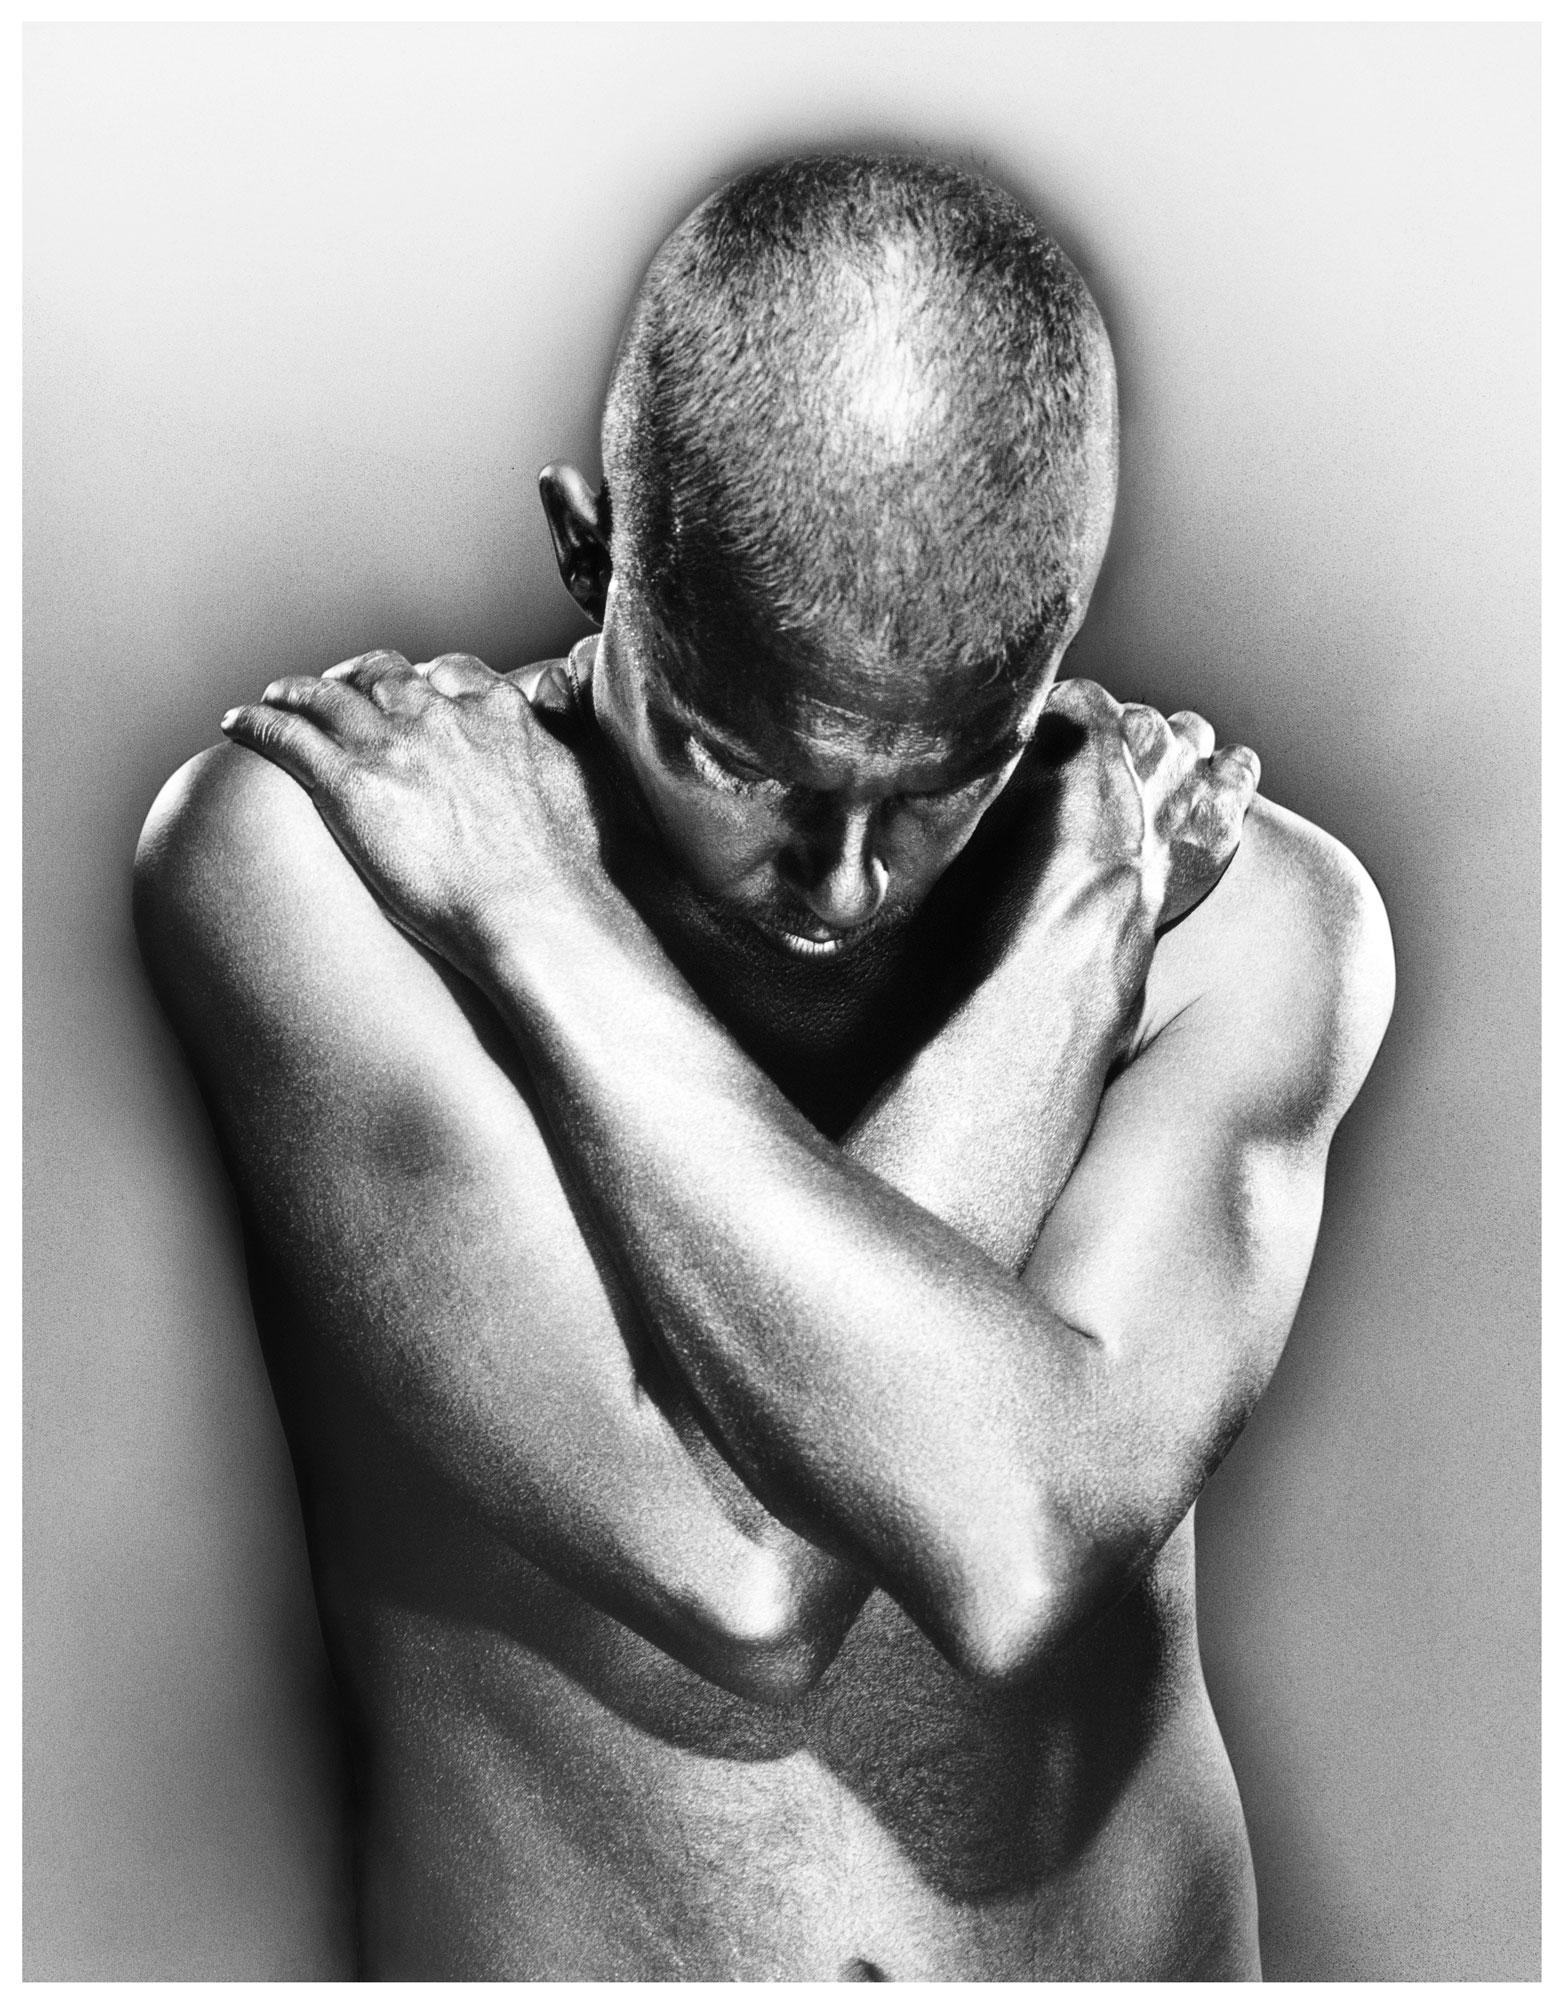 foto: © Vincent-Peters - Alexander McQueen, fotografie London 2002